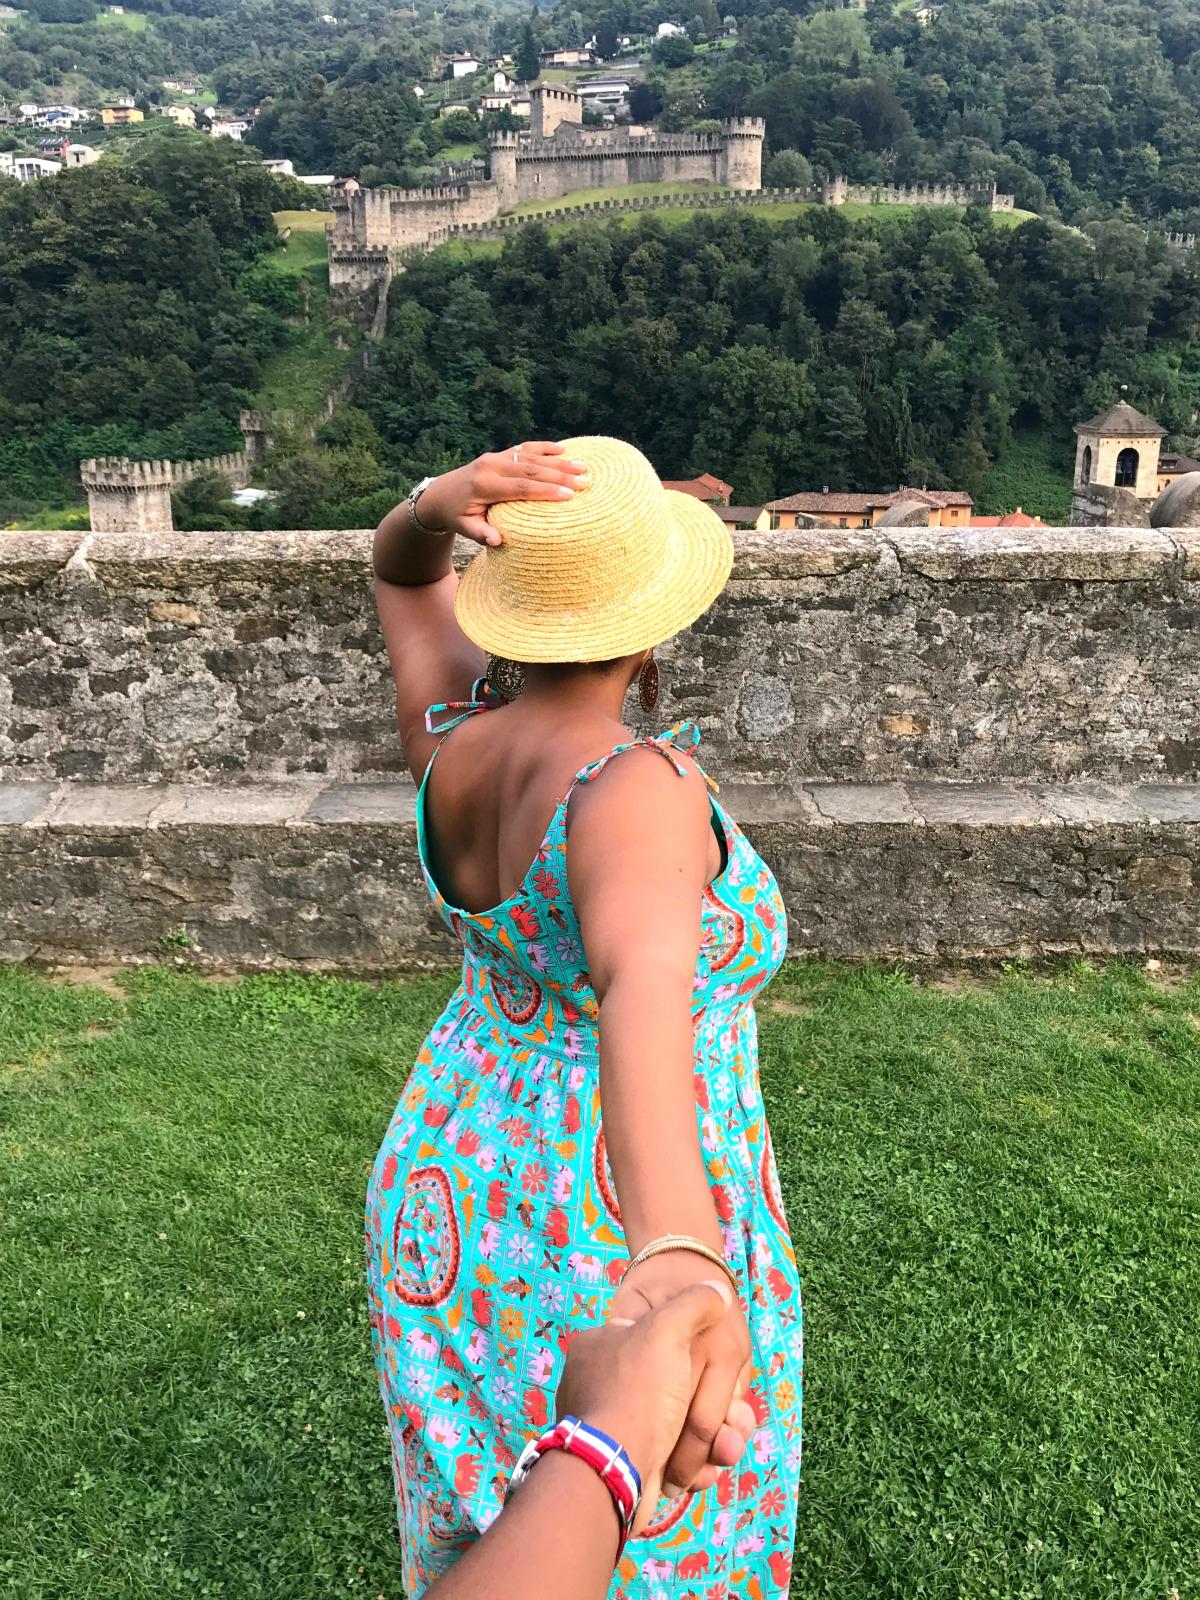 Switzerland Road Trip - Castlegrande in Bellinzona